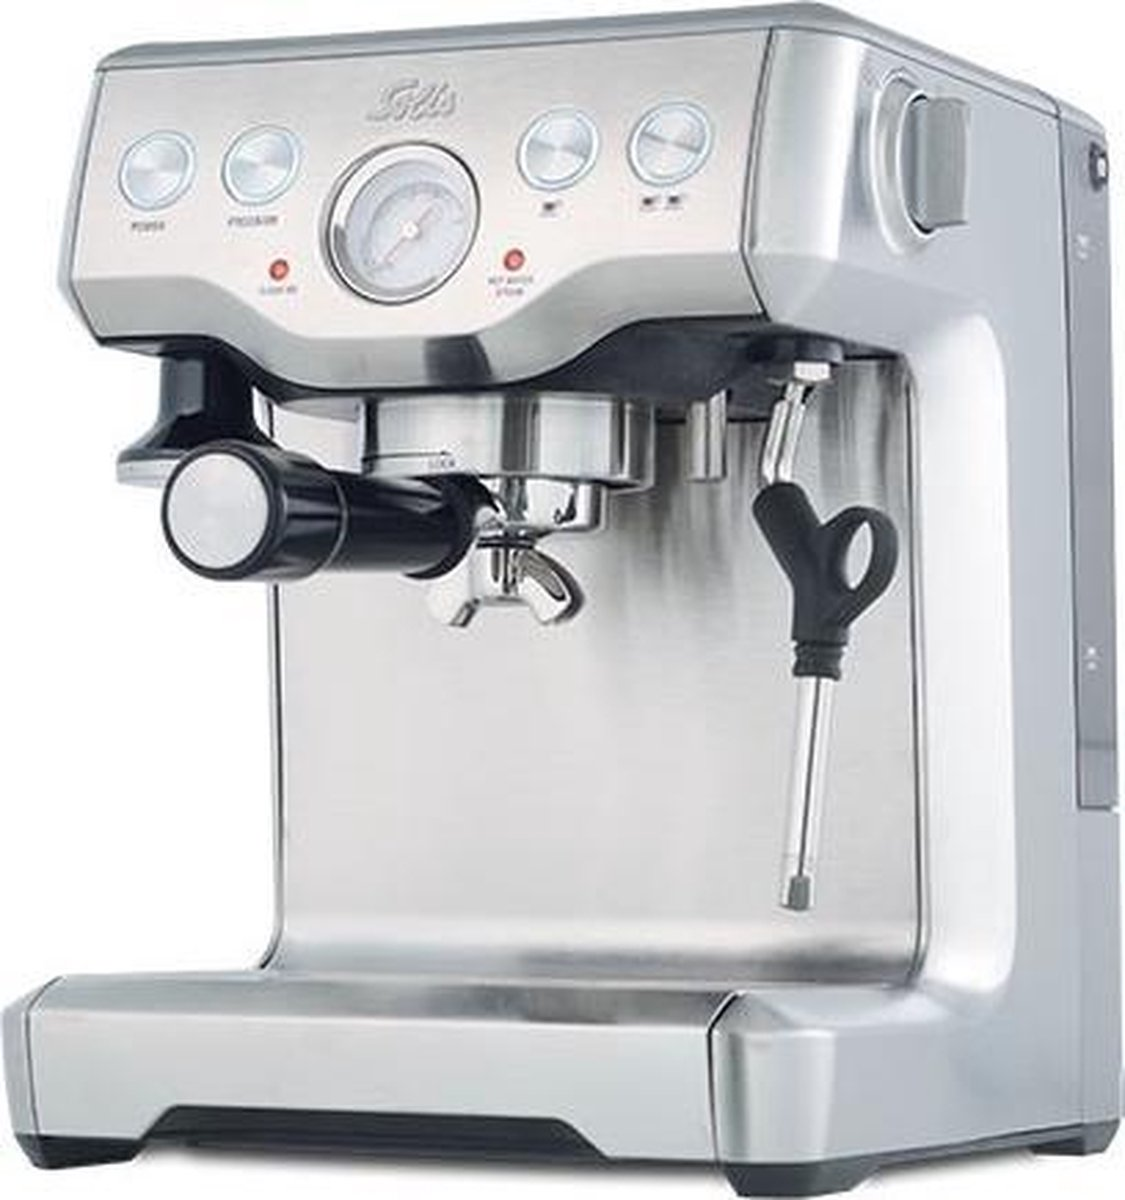 Solis Caffespresso Pro 117 Pistonmachine